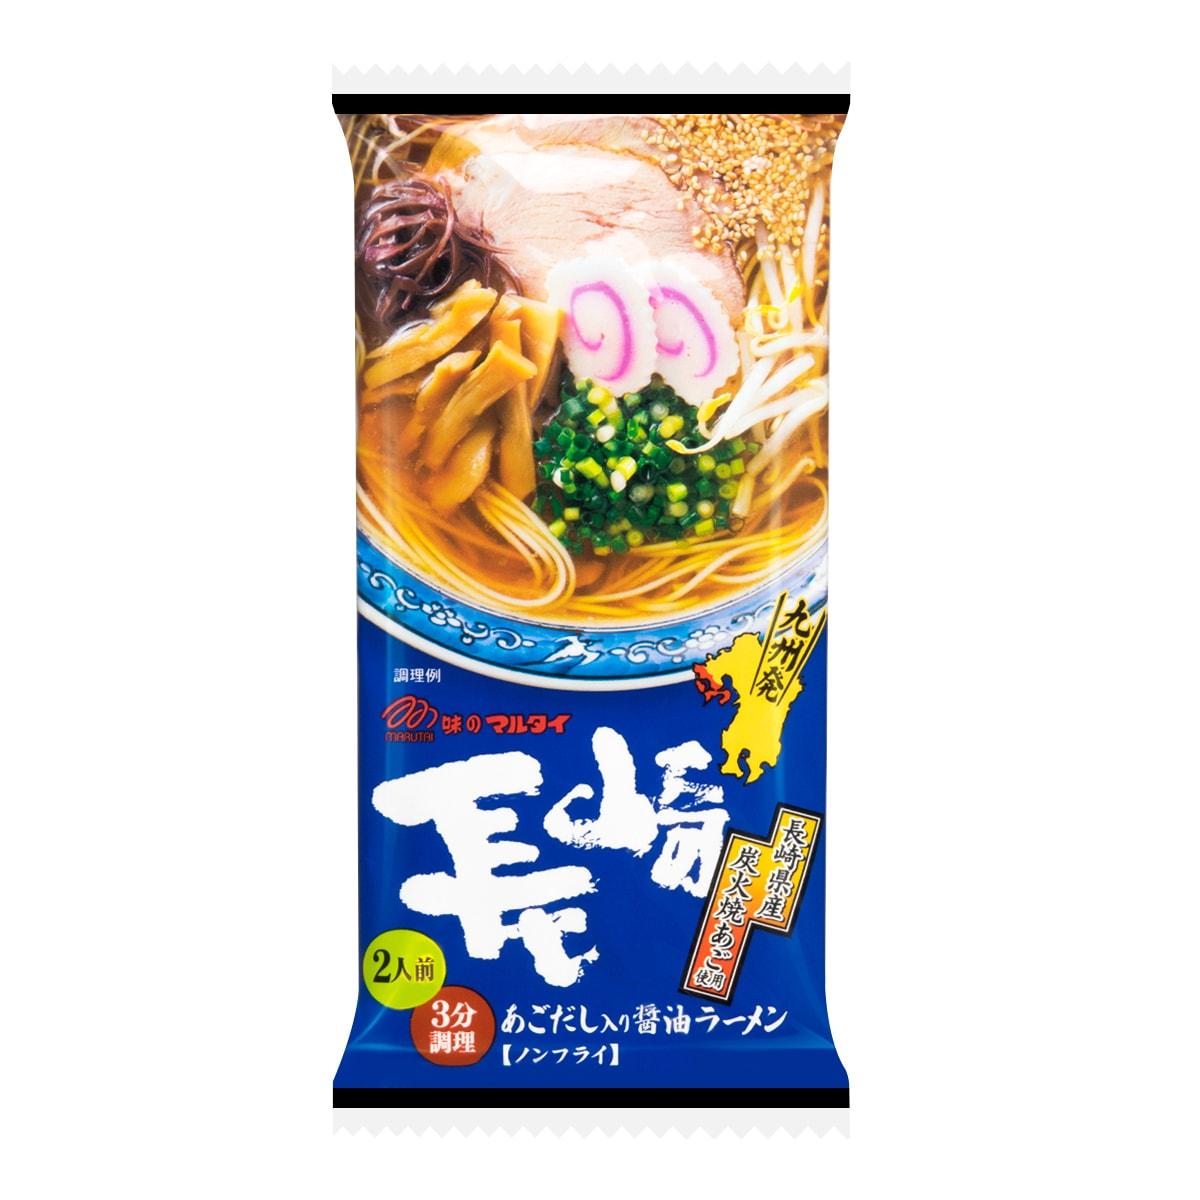 日本MARUTAI 长崎碳烤飞鱼酱油拉面 2人份 178g